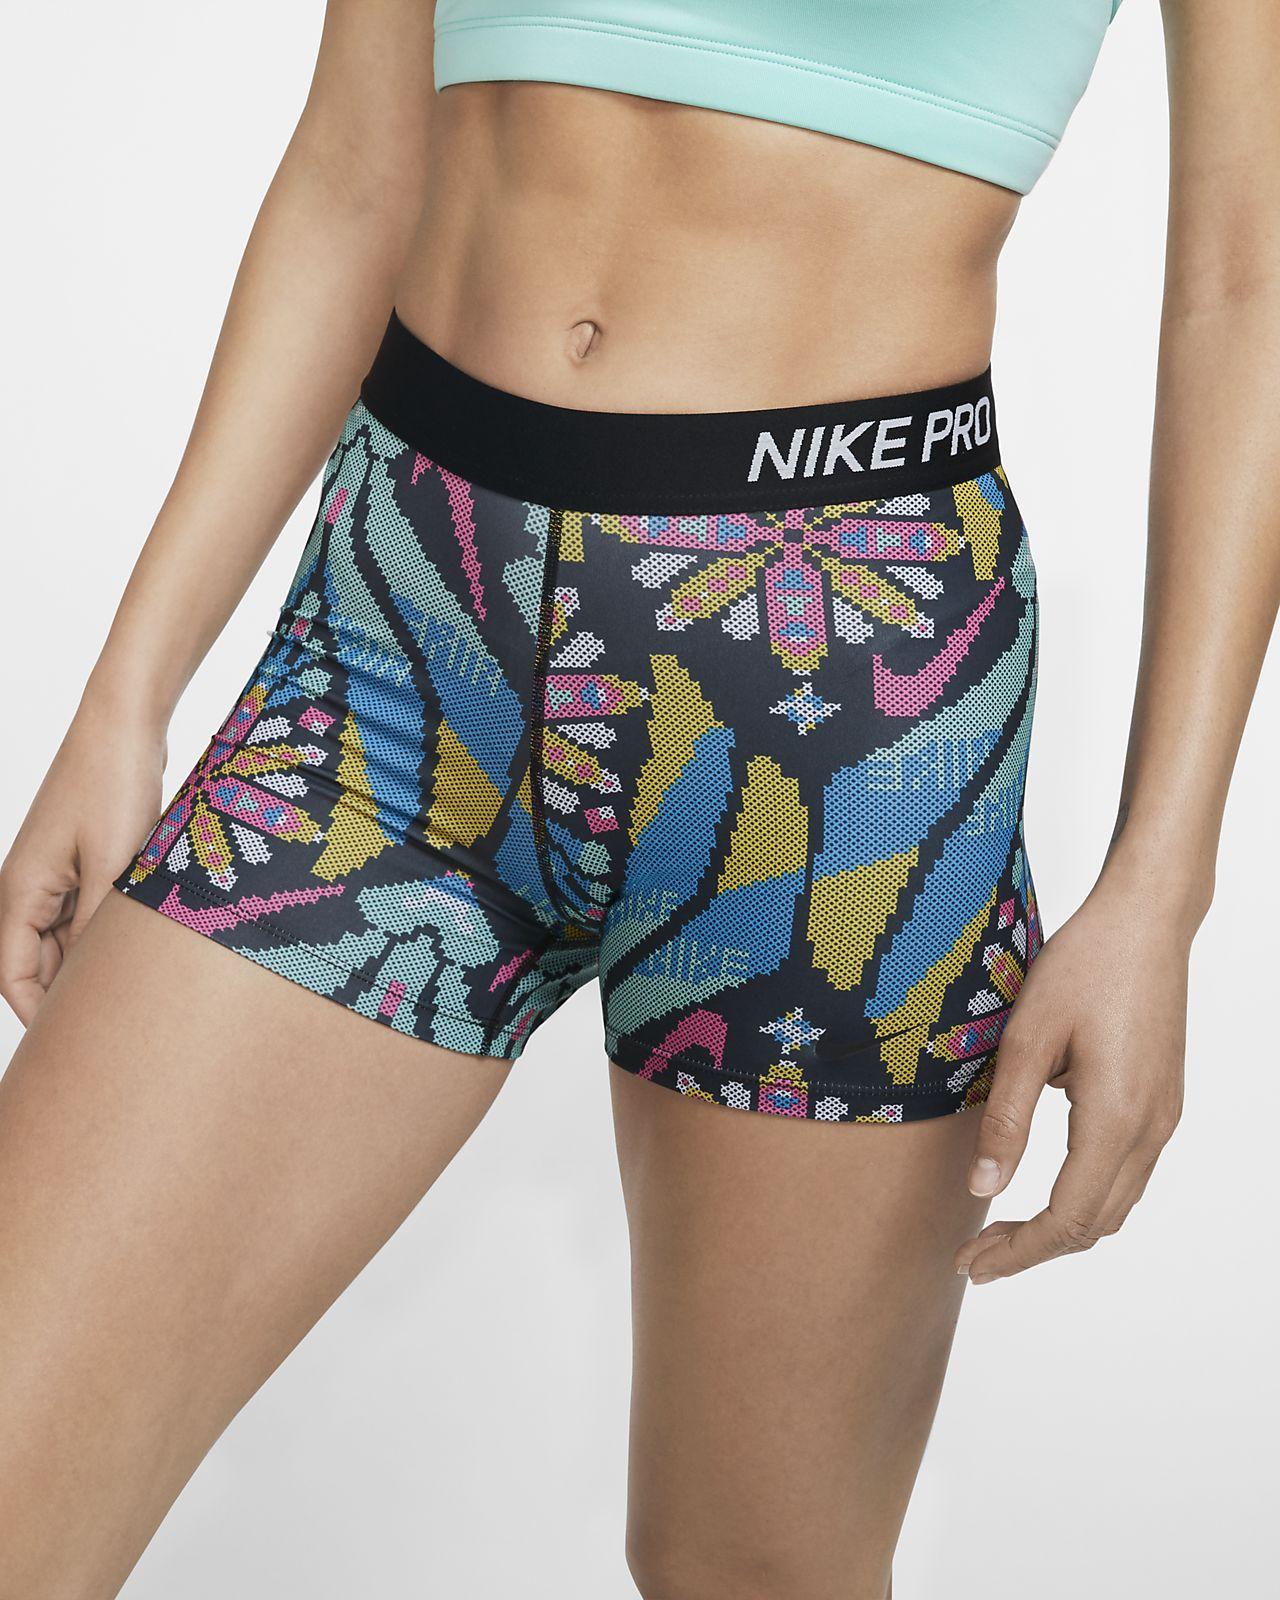 Nike Pro-shorts med print (8 cm) til kvinder